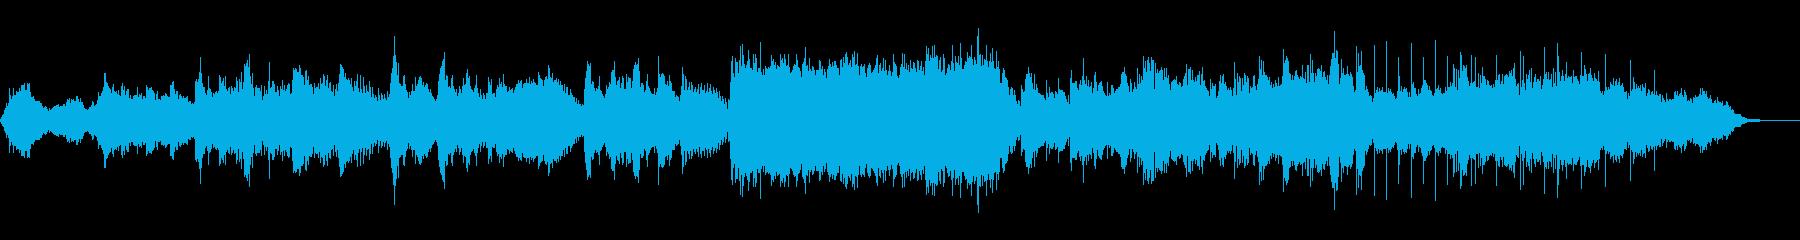 死神の訪問をイメージしたホラー音楽の再生済みの波形